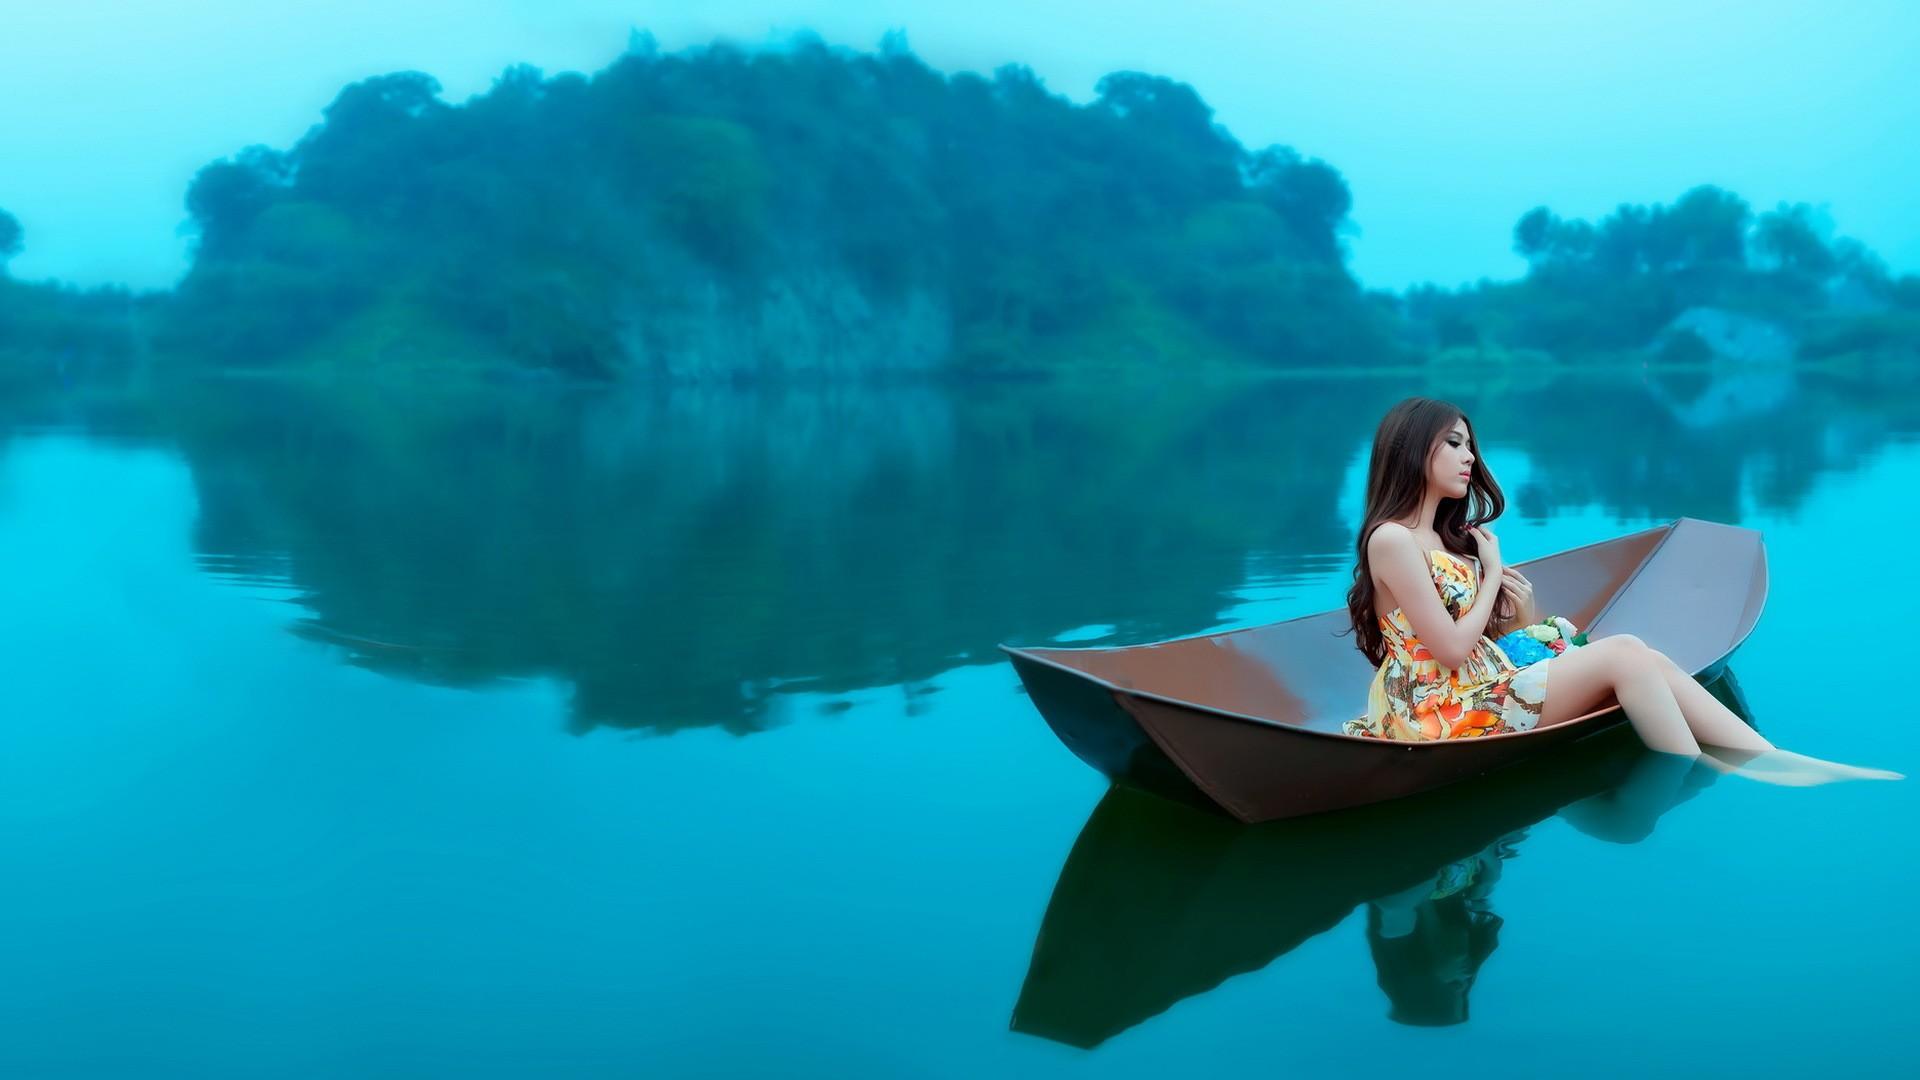 girl-in-boat-wallpaper.jpg